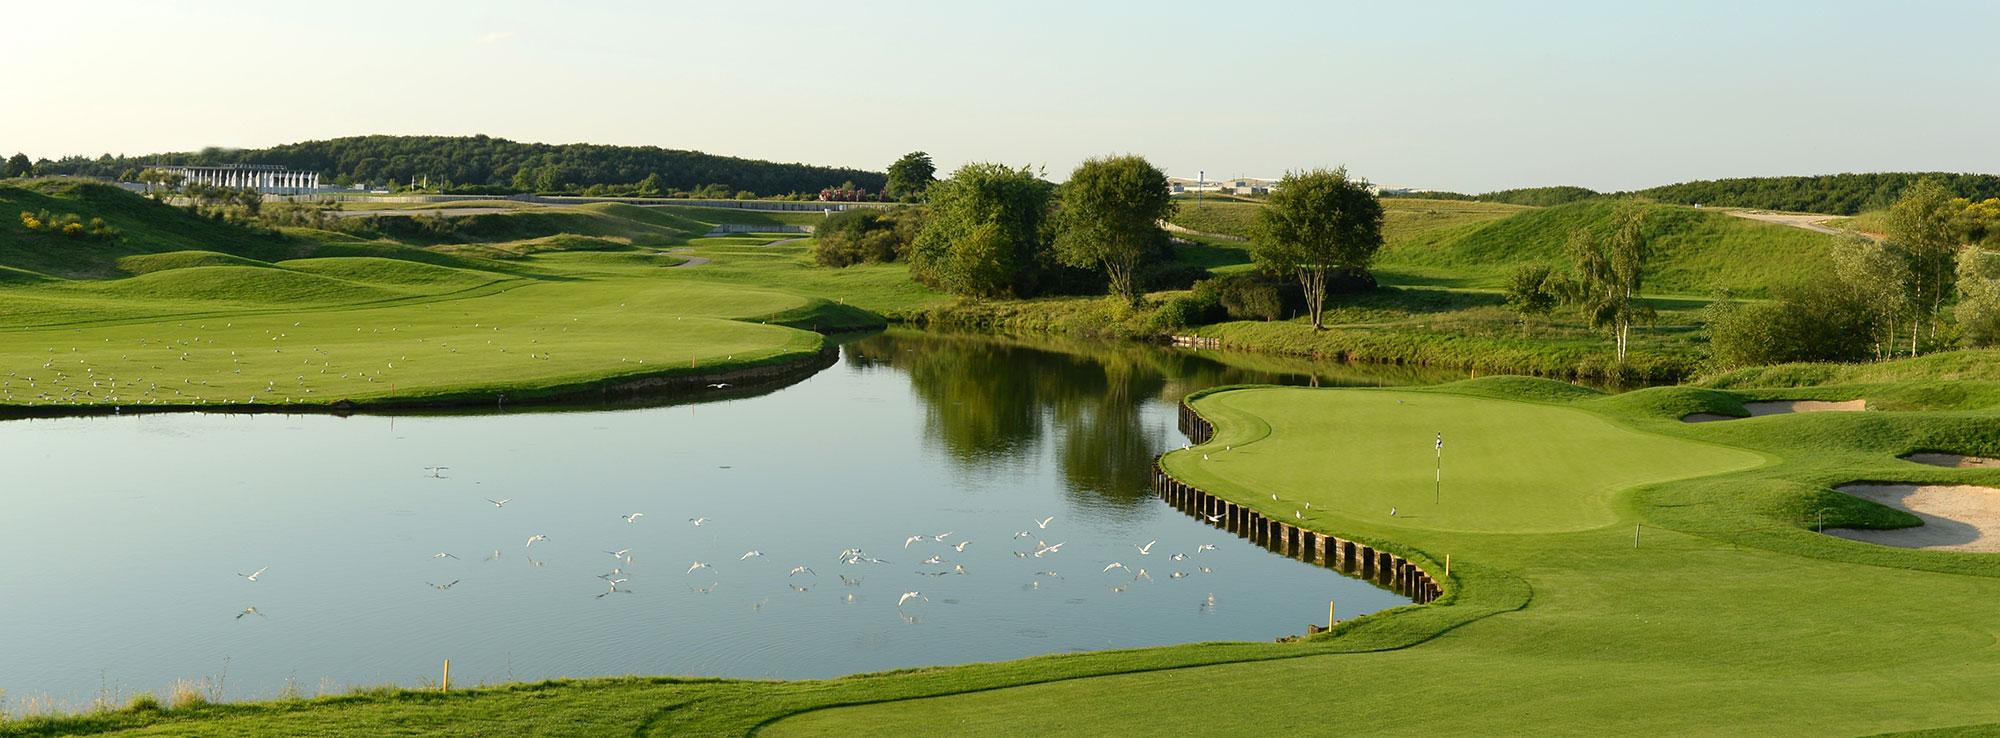 Golf National Albatros Golf Club-3731